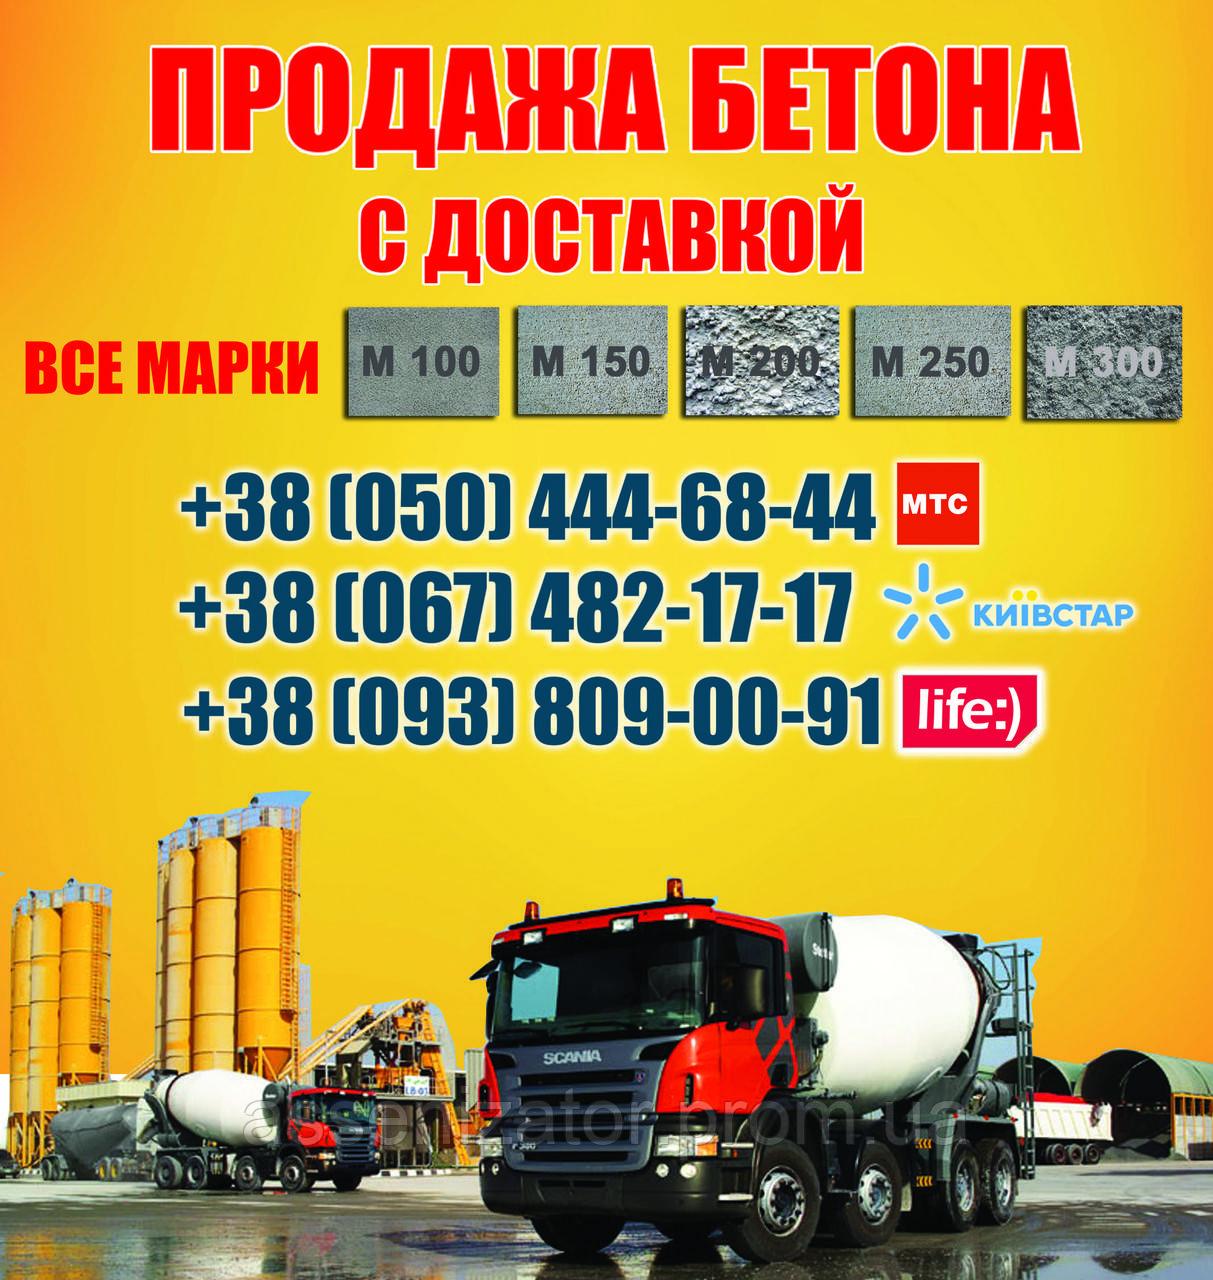 Куплю бетон в черкассах купить бетон м200 с доставкой екатеринбург